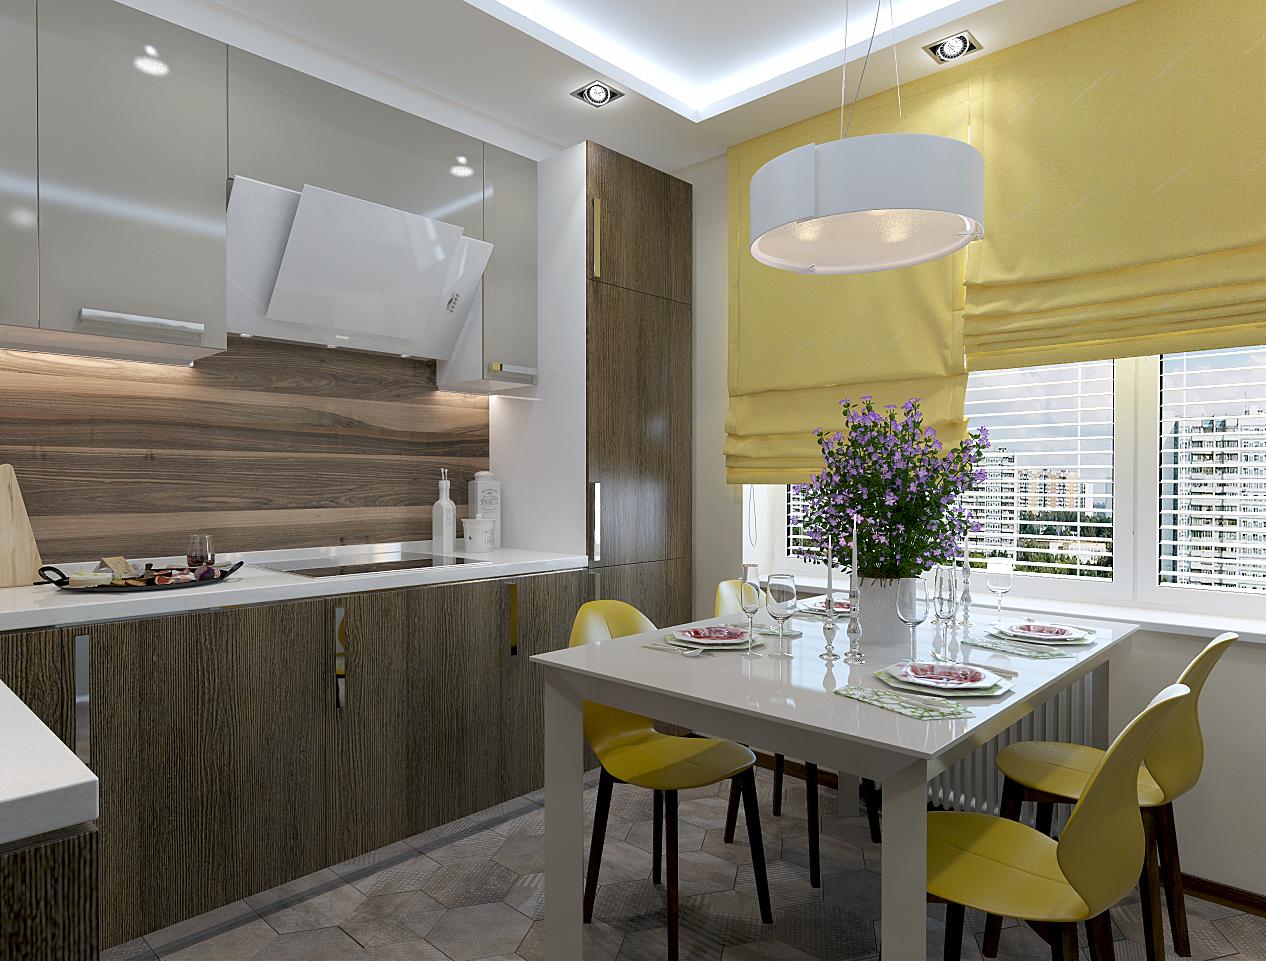 Дизайн-проект кухни в доме серии п-44